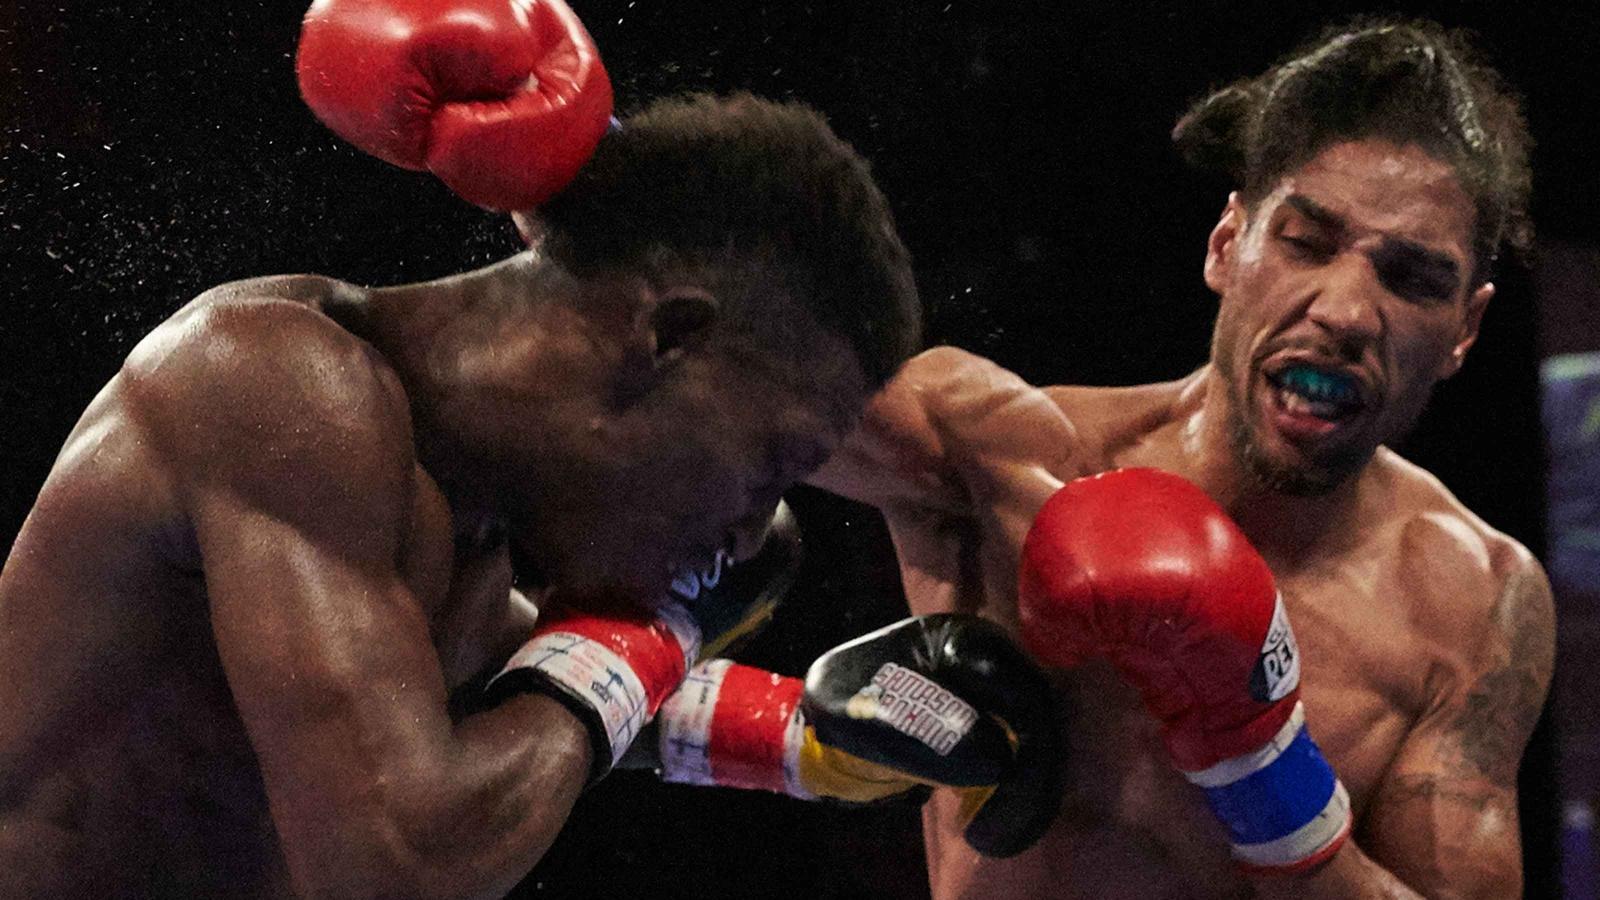 jamal james next fight fighter bio stats news jamal james